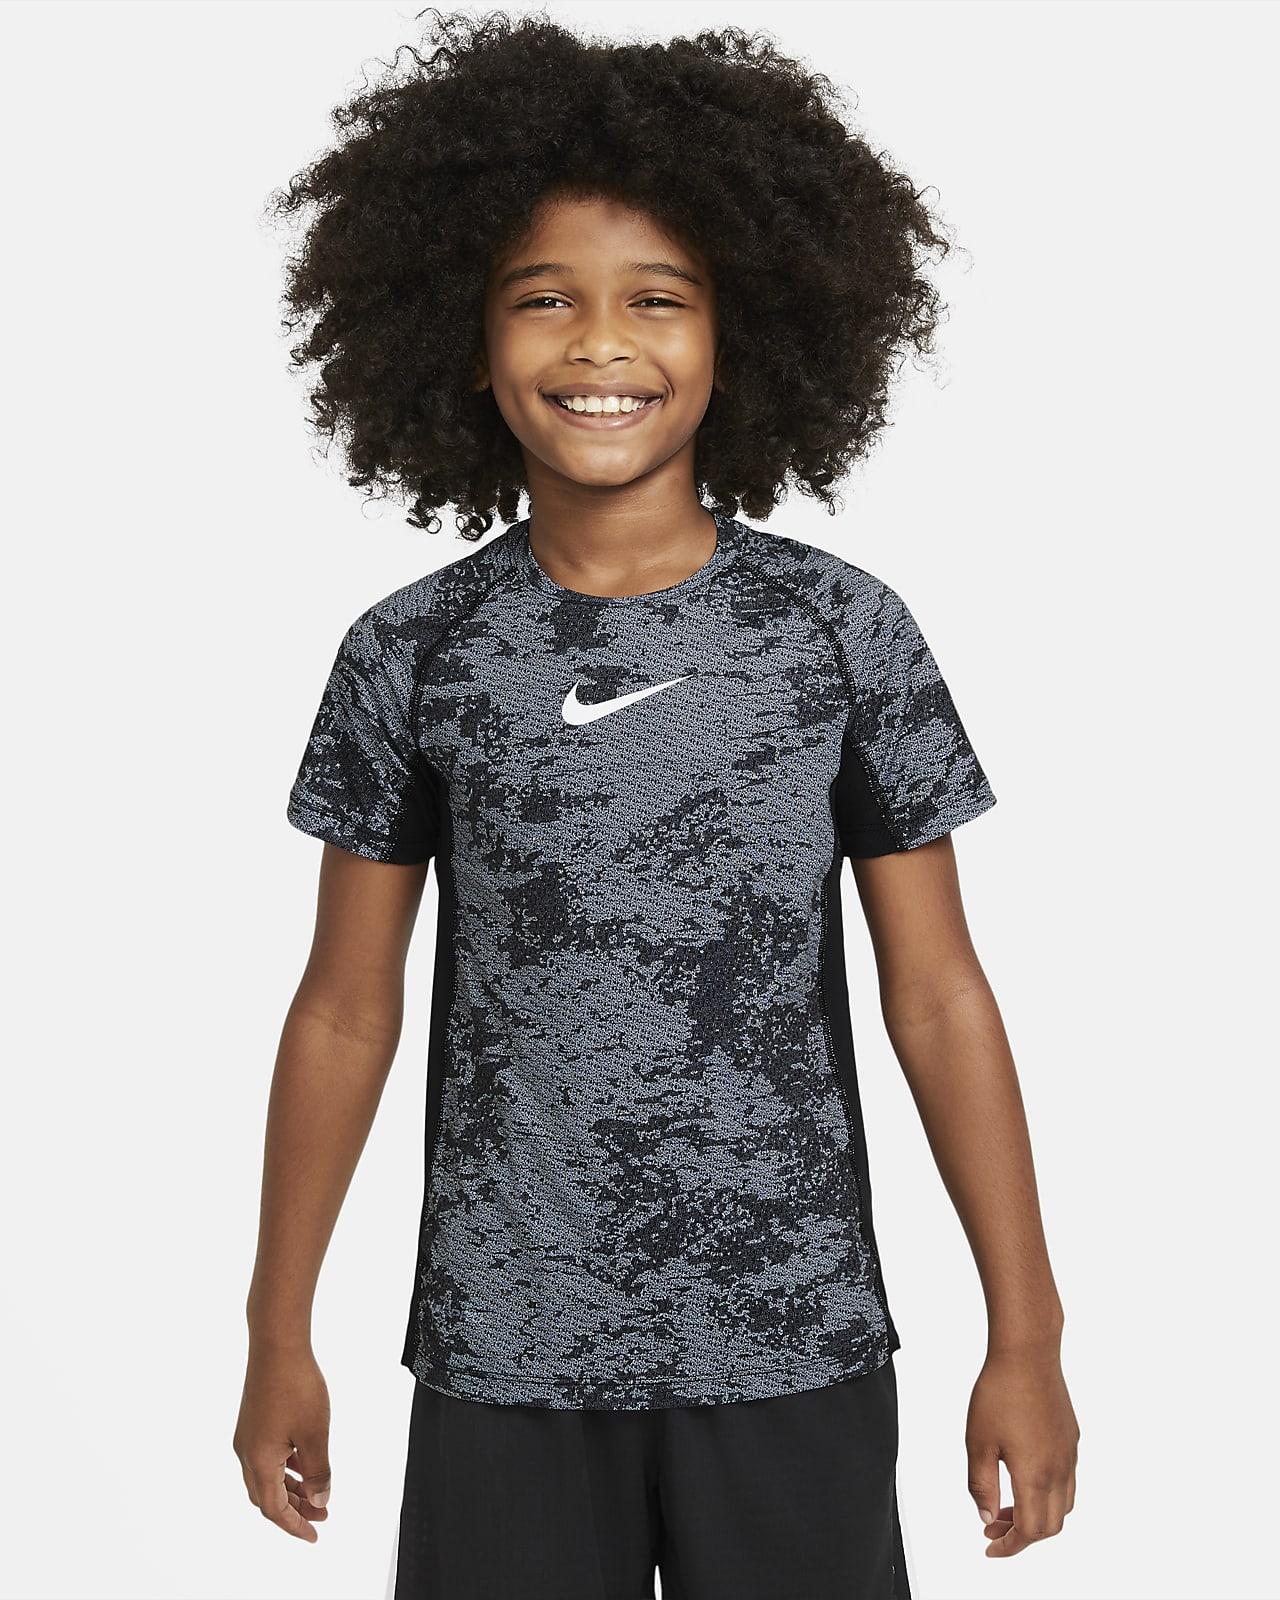 Футболка для тренинга с принтом для мальчиков школьного возраста Nike Pro